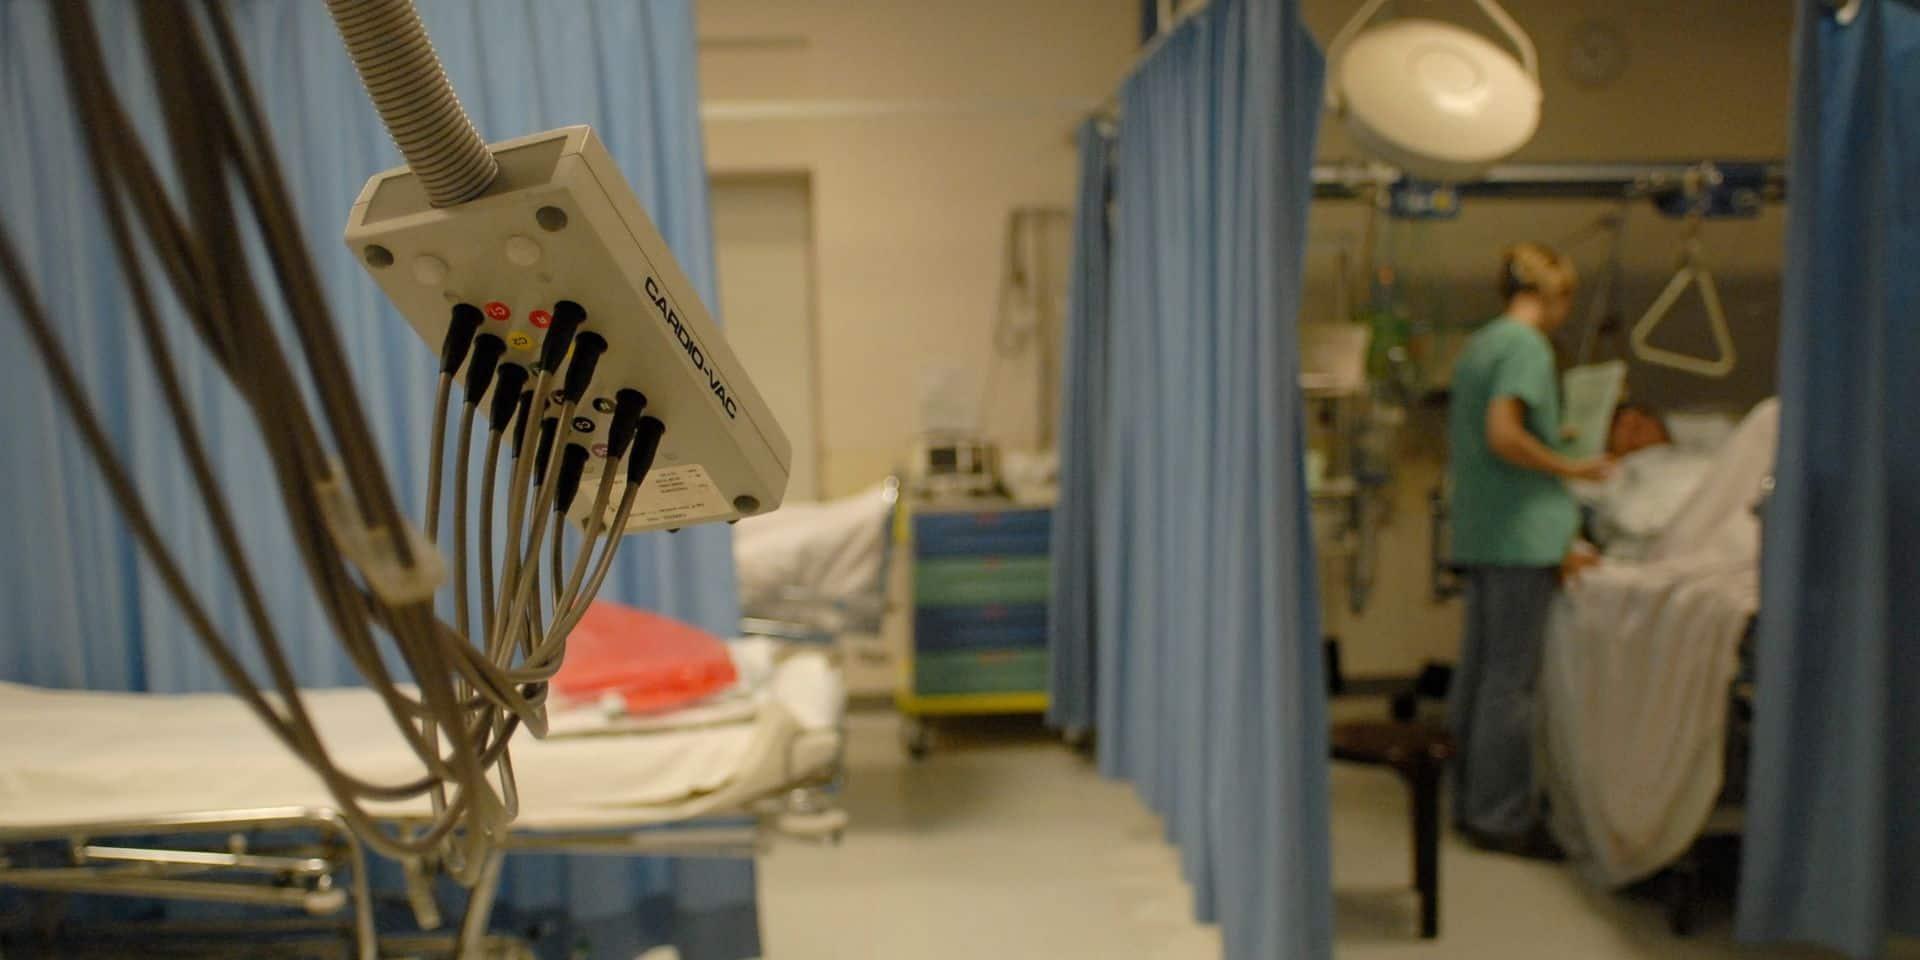 Davantage de lits sont maintenant disponibles aux soins intensifs pour les patients Covid